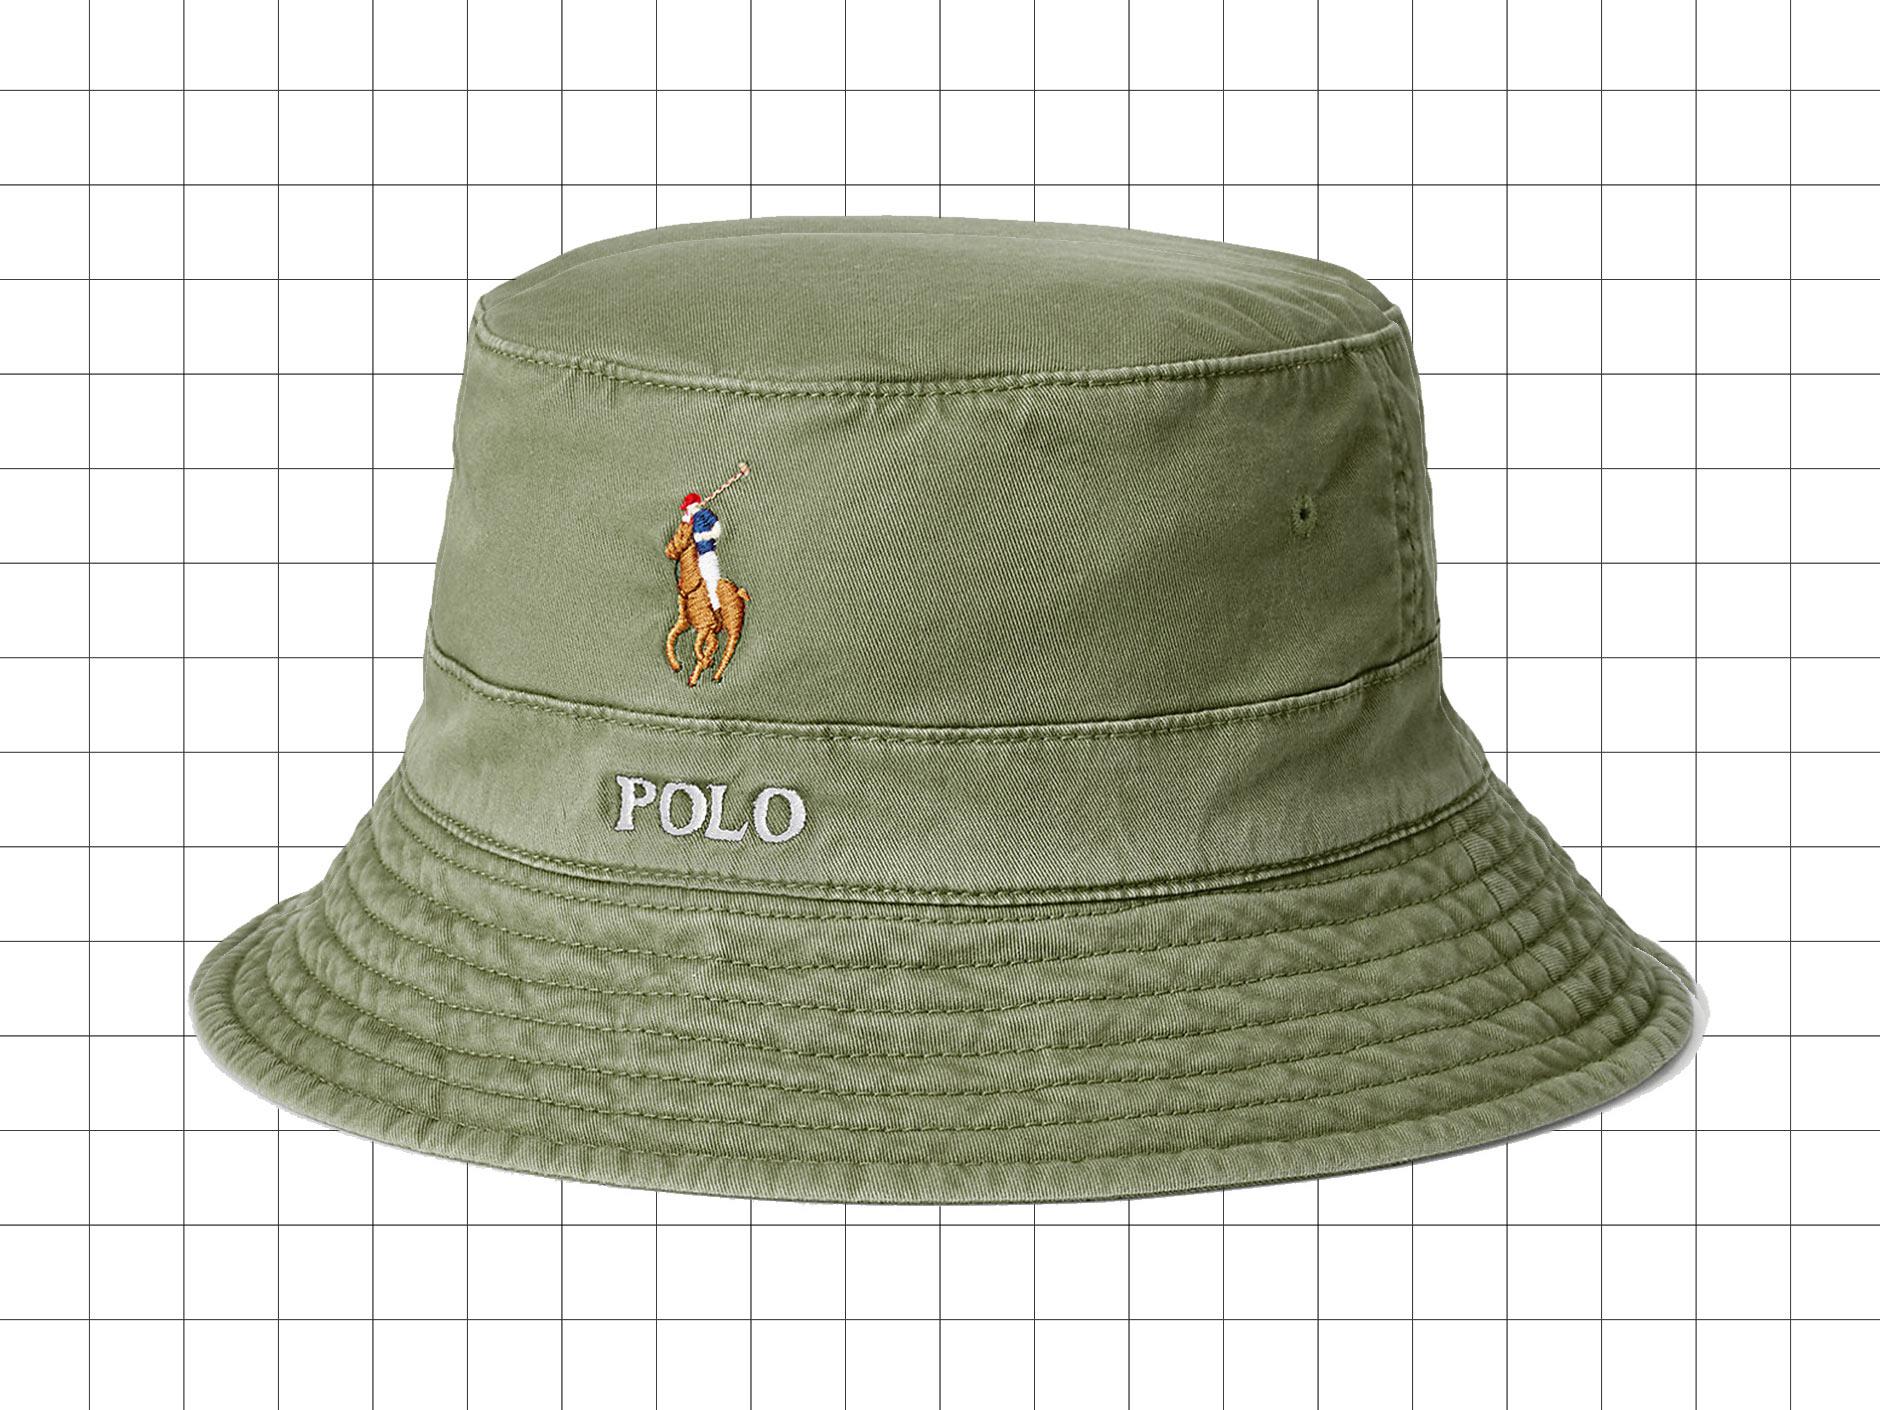 polo_bucket